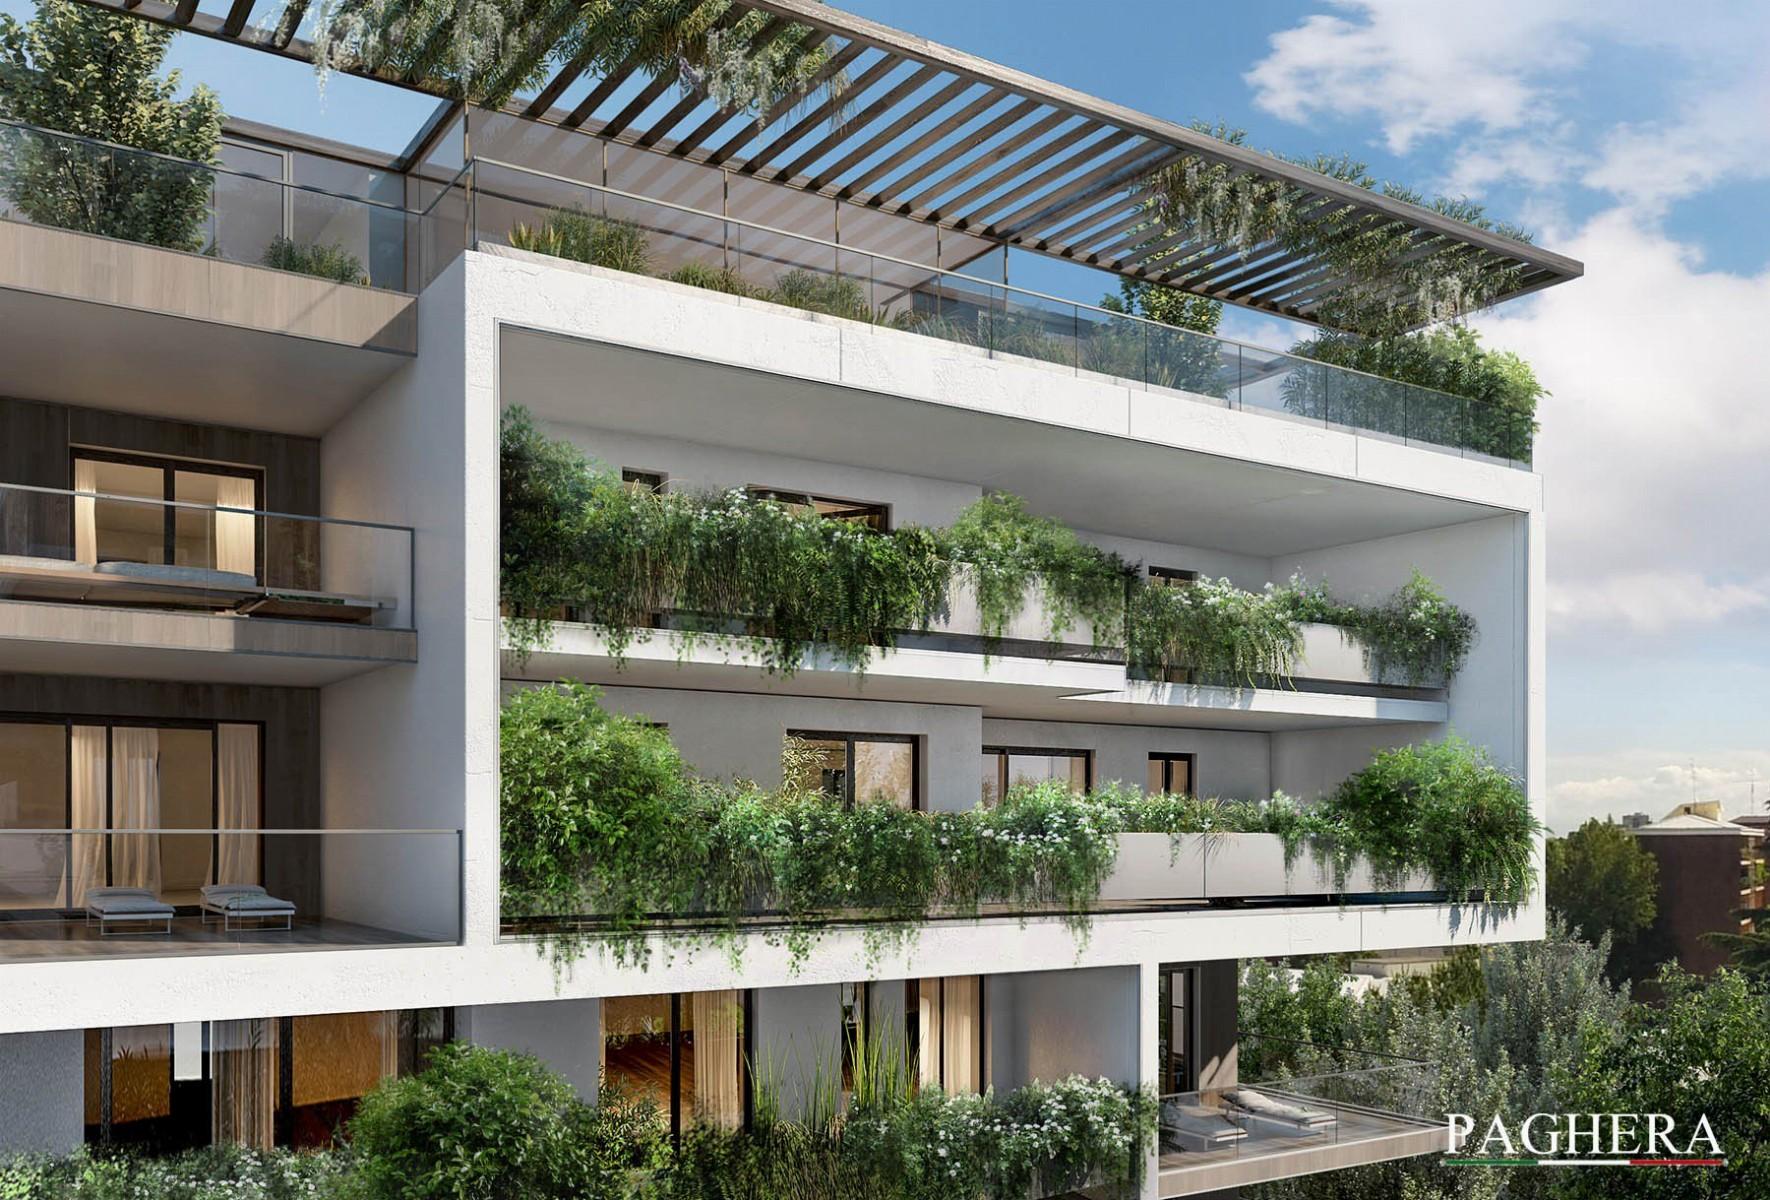 Giardini Pensili - Landscape Design - Paghera